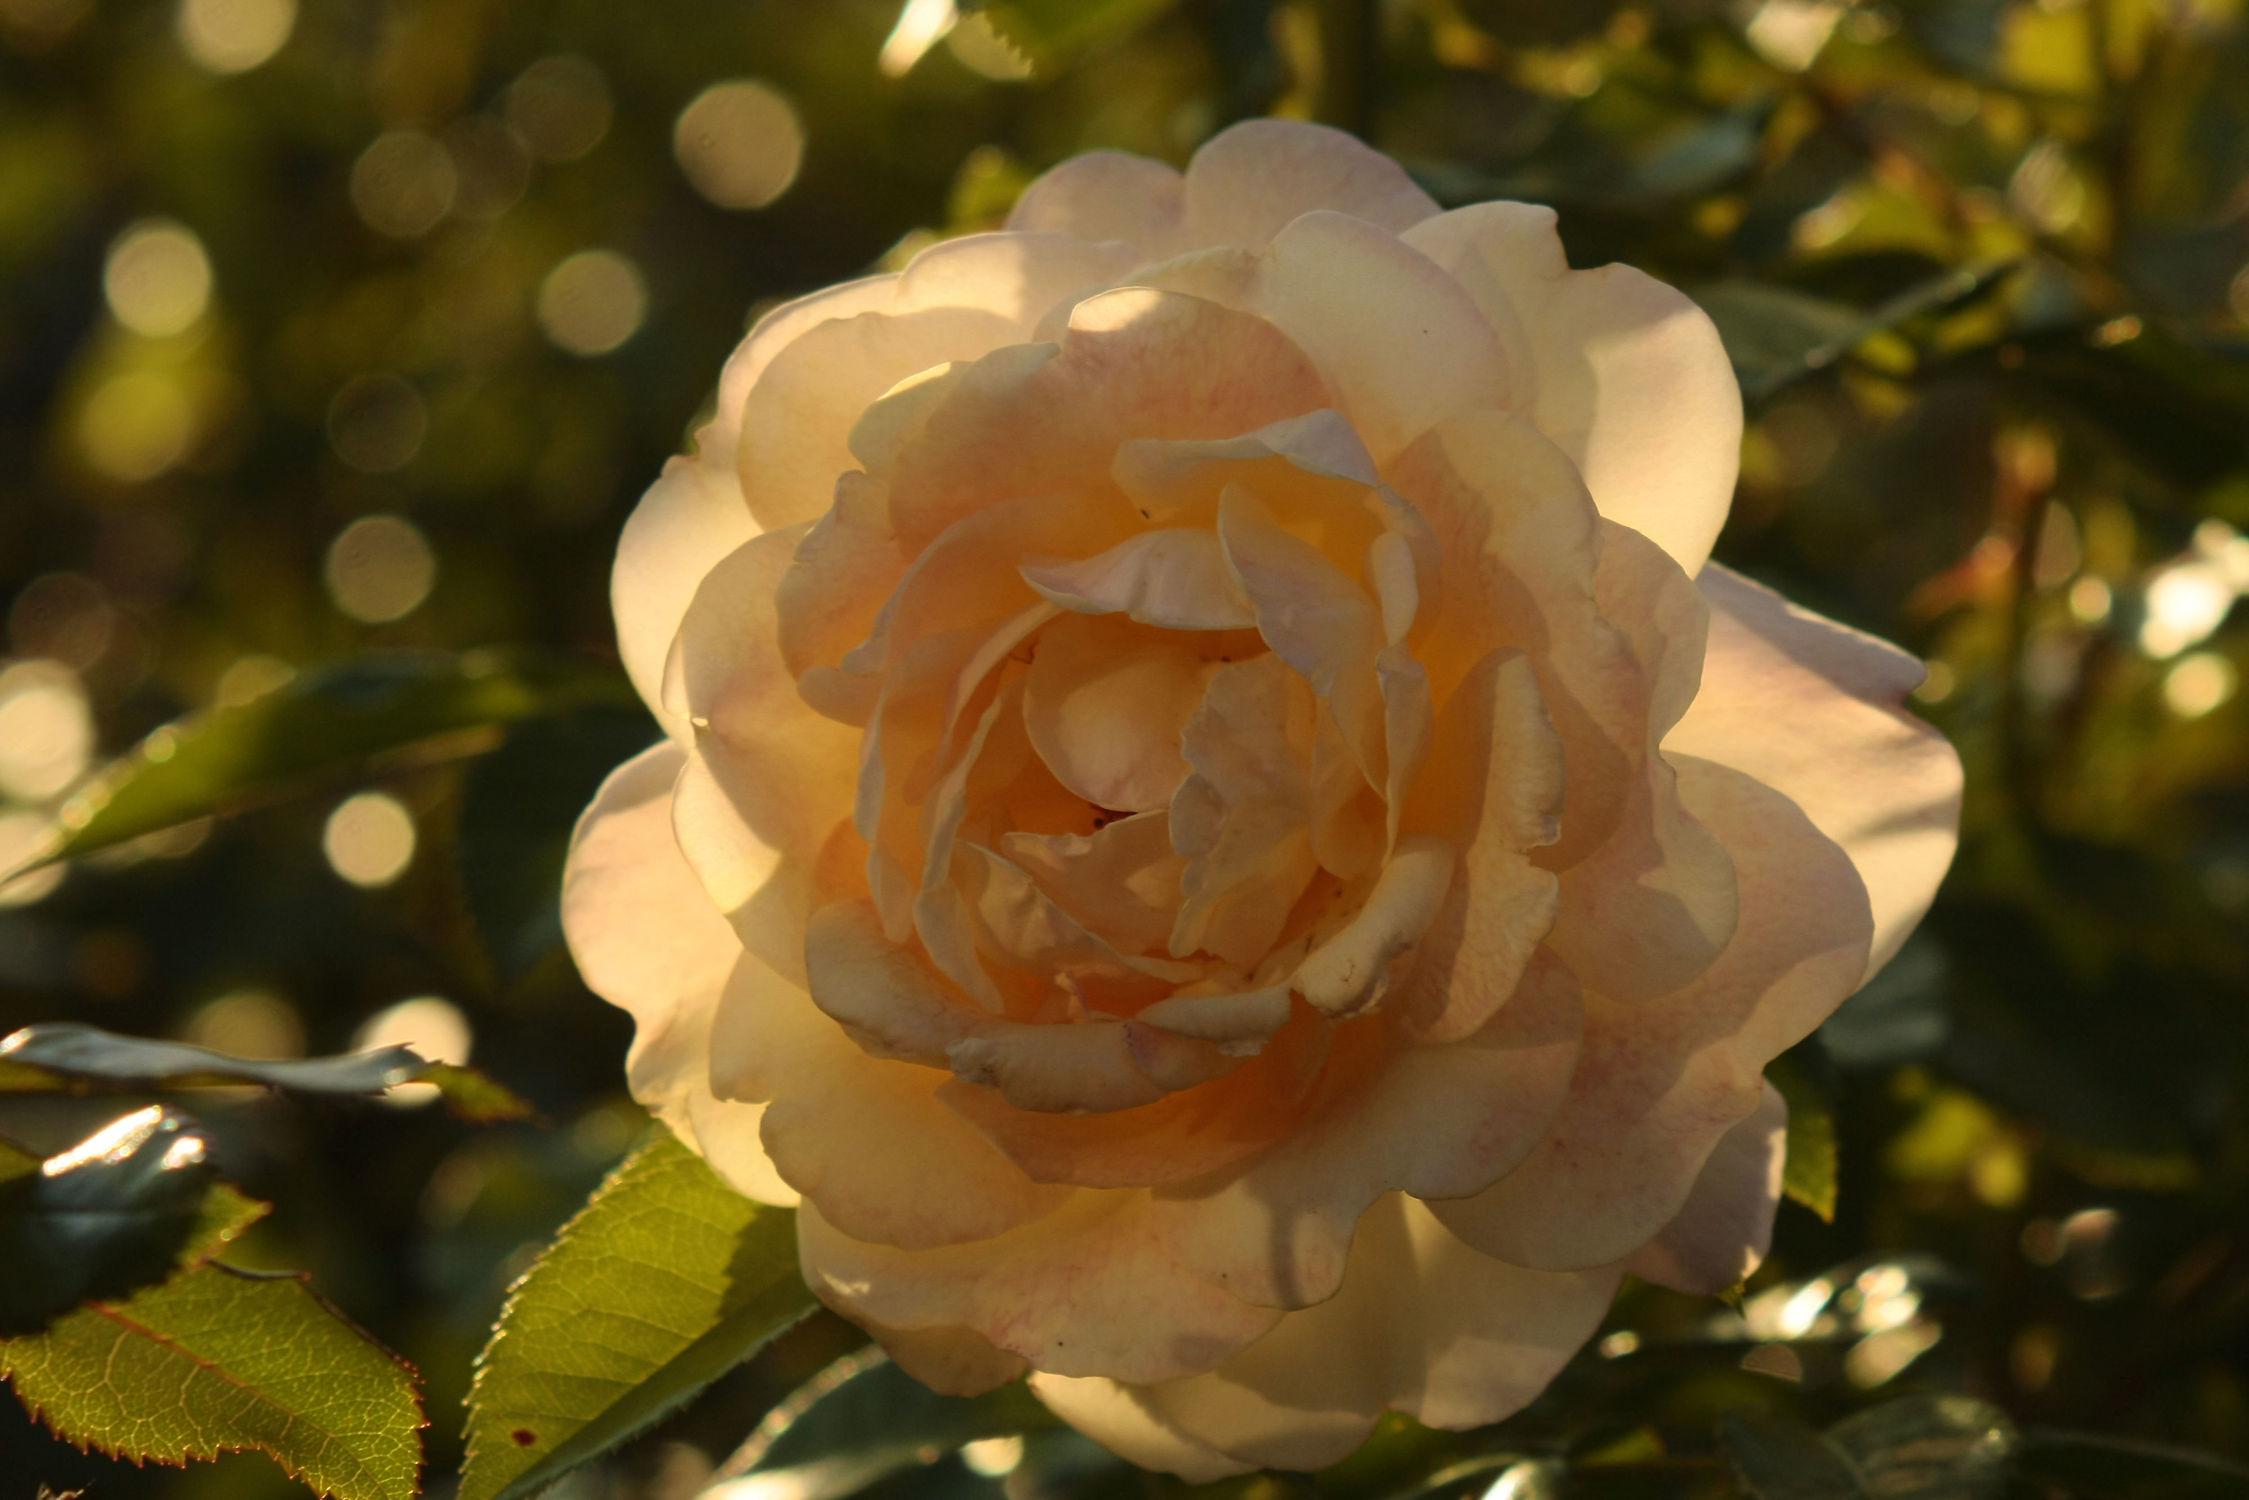 Bild mit Blumen, Rosen, Blume, Rose, romantik, Blüten, blüte, Liebe